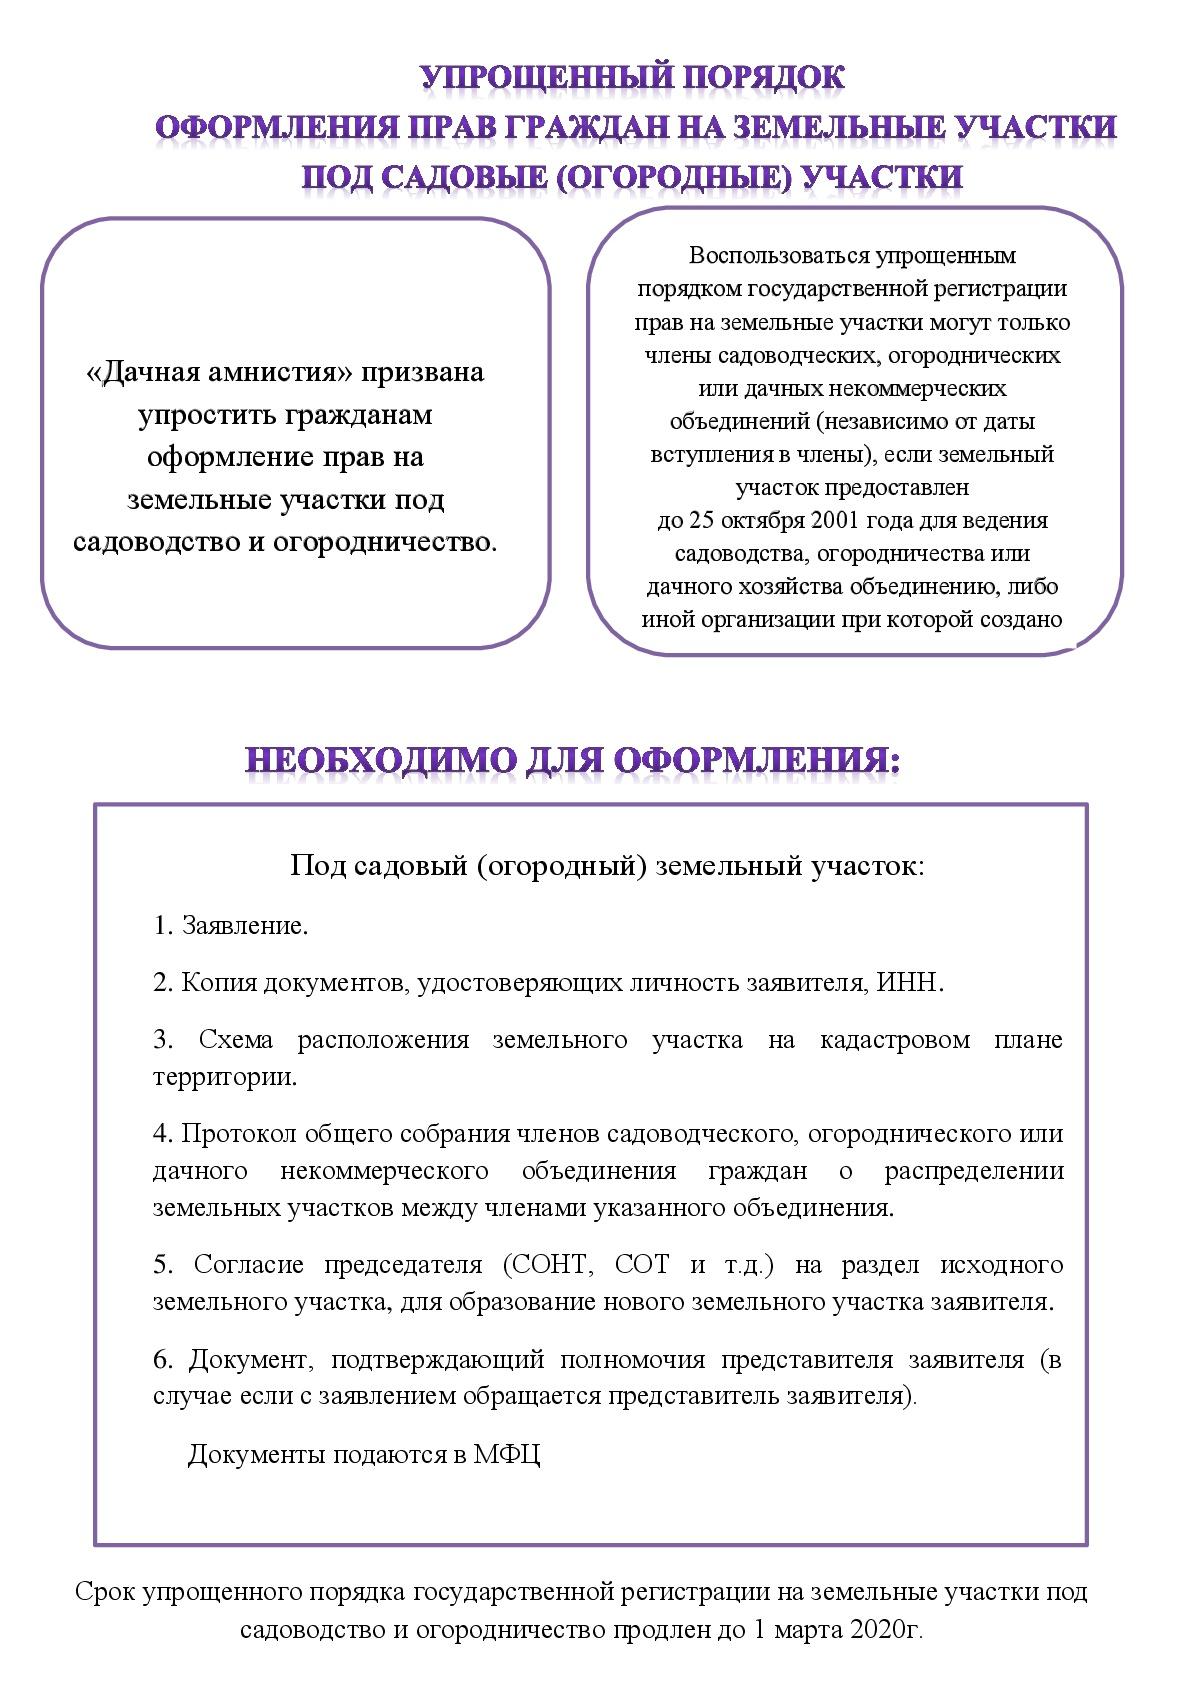 Упрощенный порядок оформления прав граждан на земельные участки под садовые участки